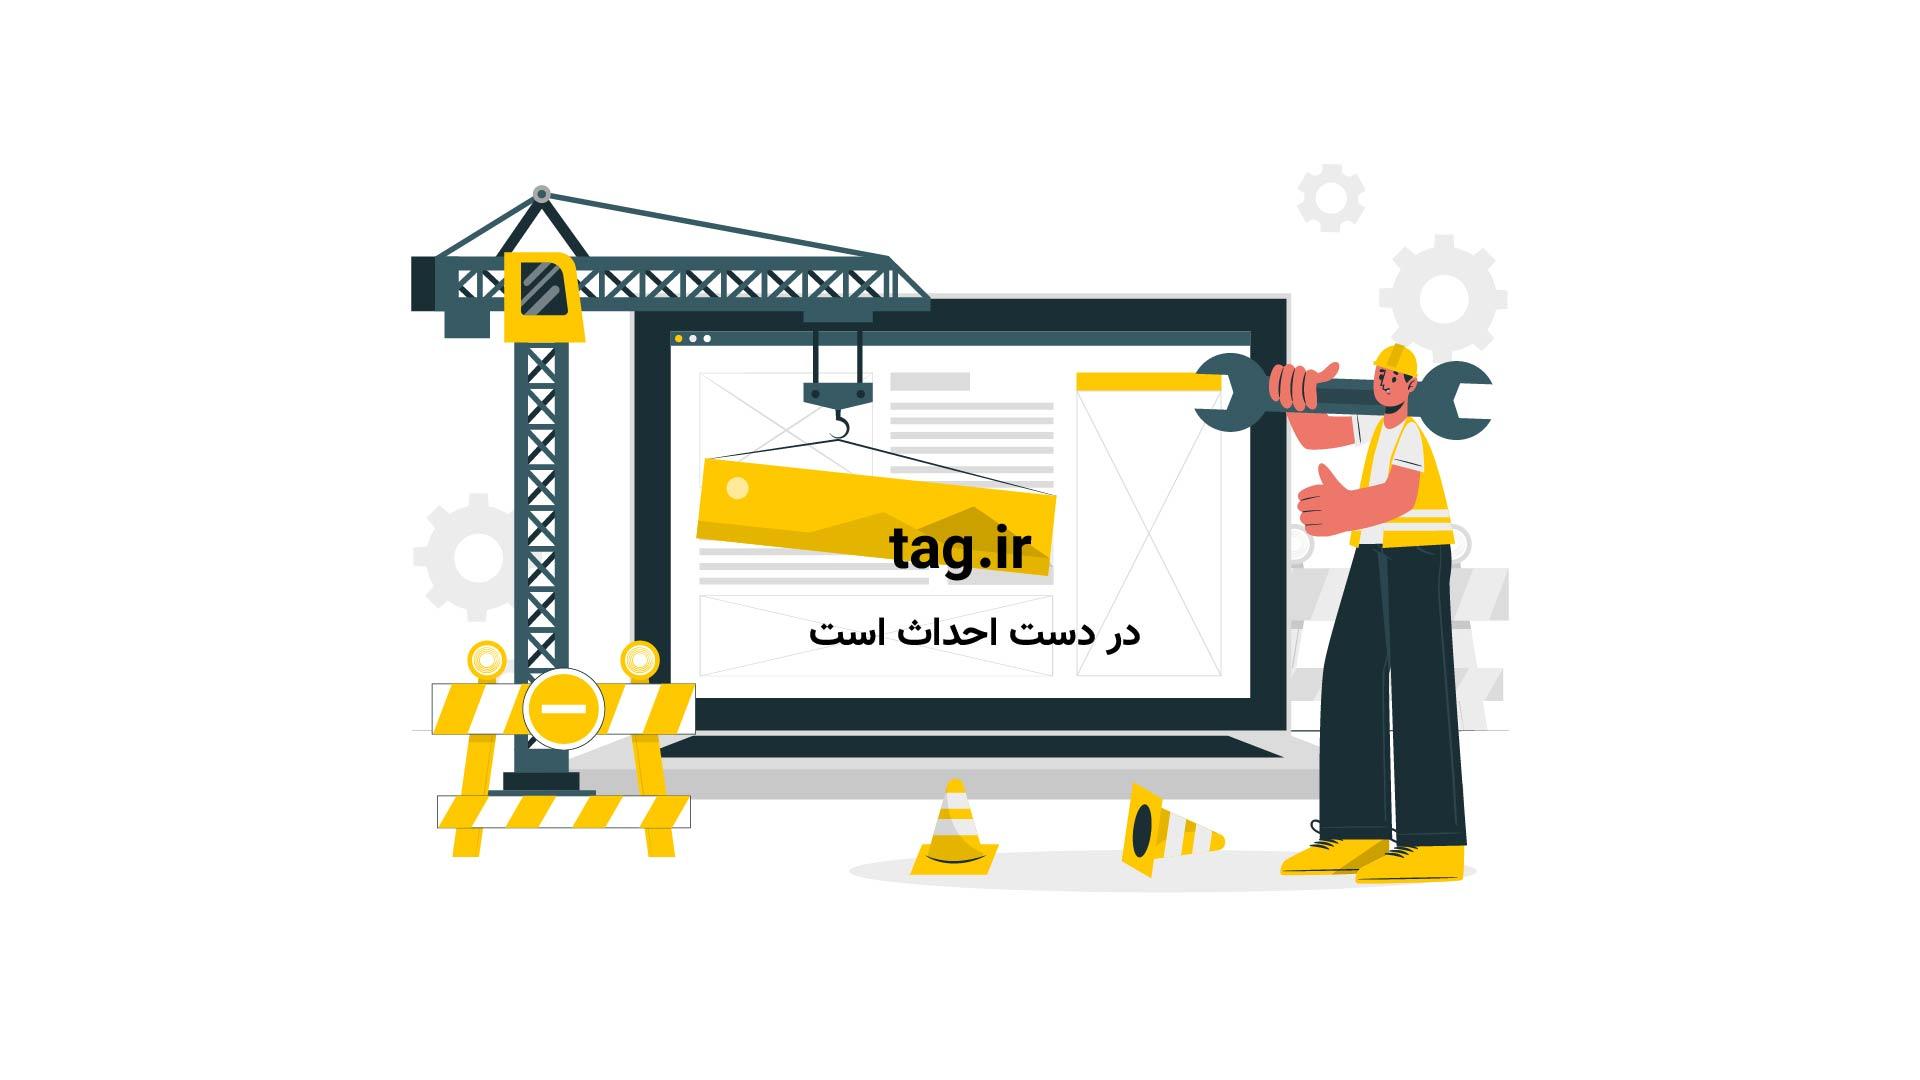 حمله عقاب به شکار ماهیگیر | فیلم